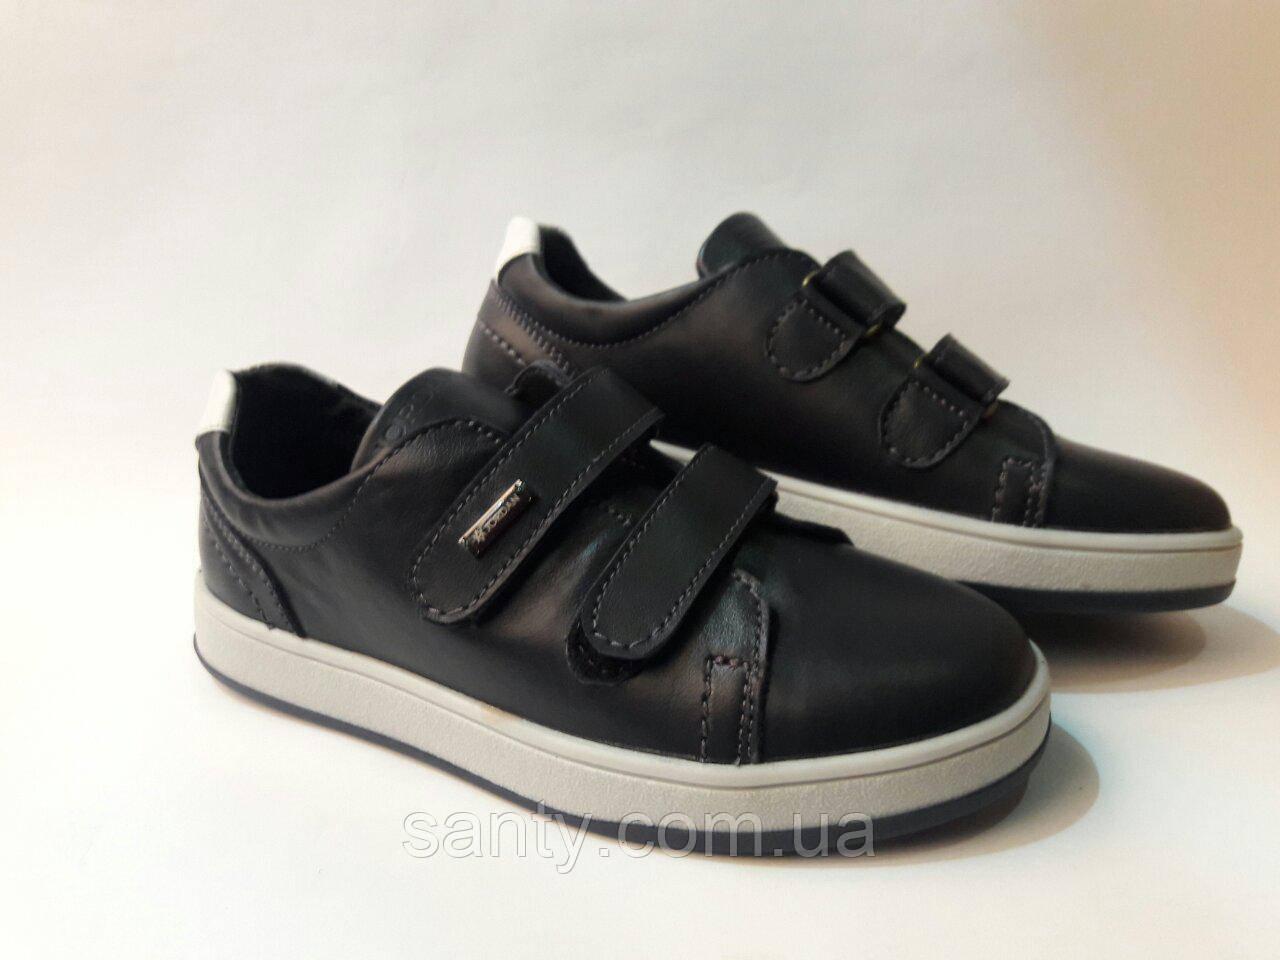 Туфли для мальчика из натуральной кожи